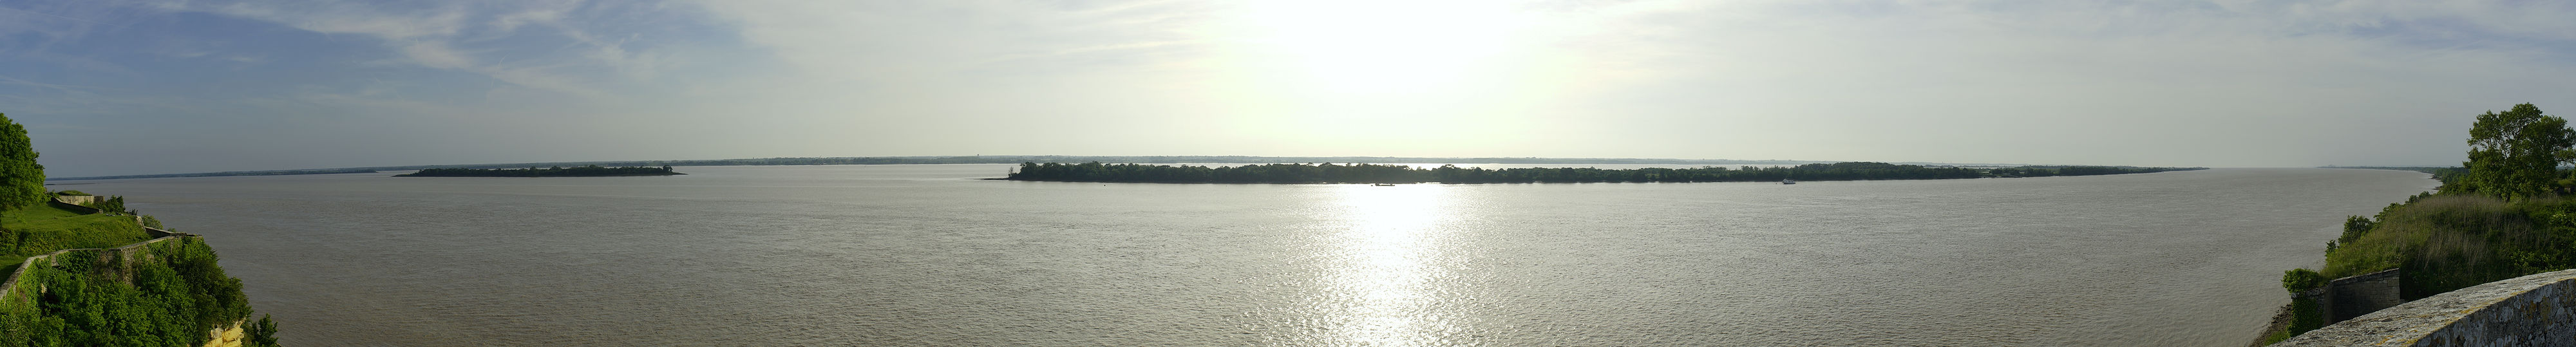 * Dordogne? Garonne? Gironde! Panorama Blick von der Citadelle de Blaye aus *